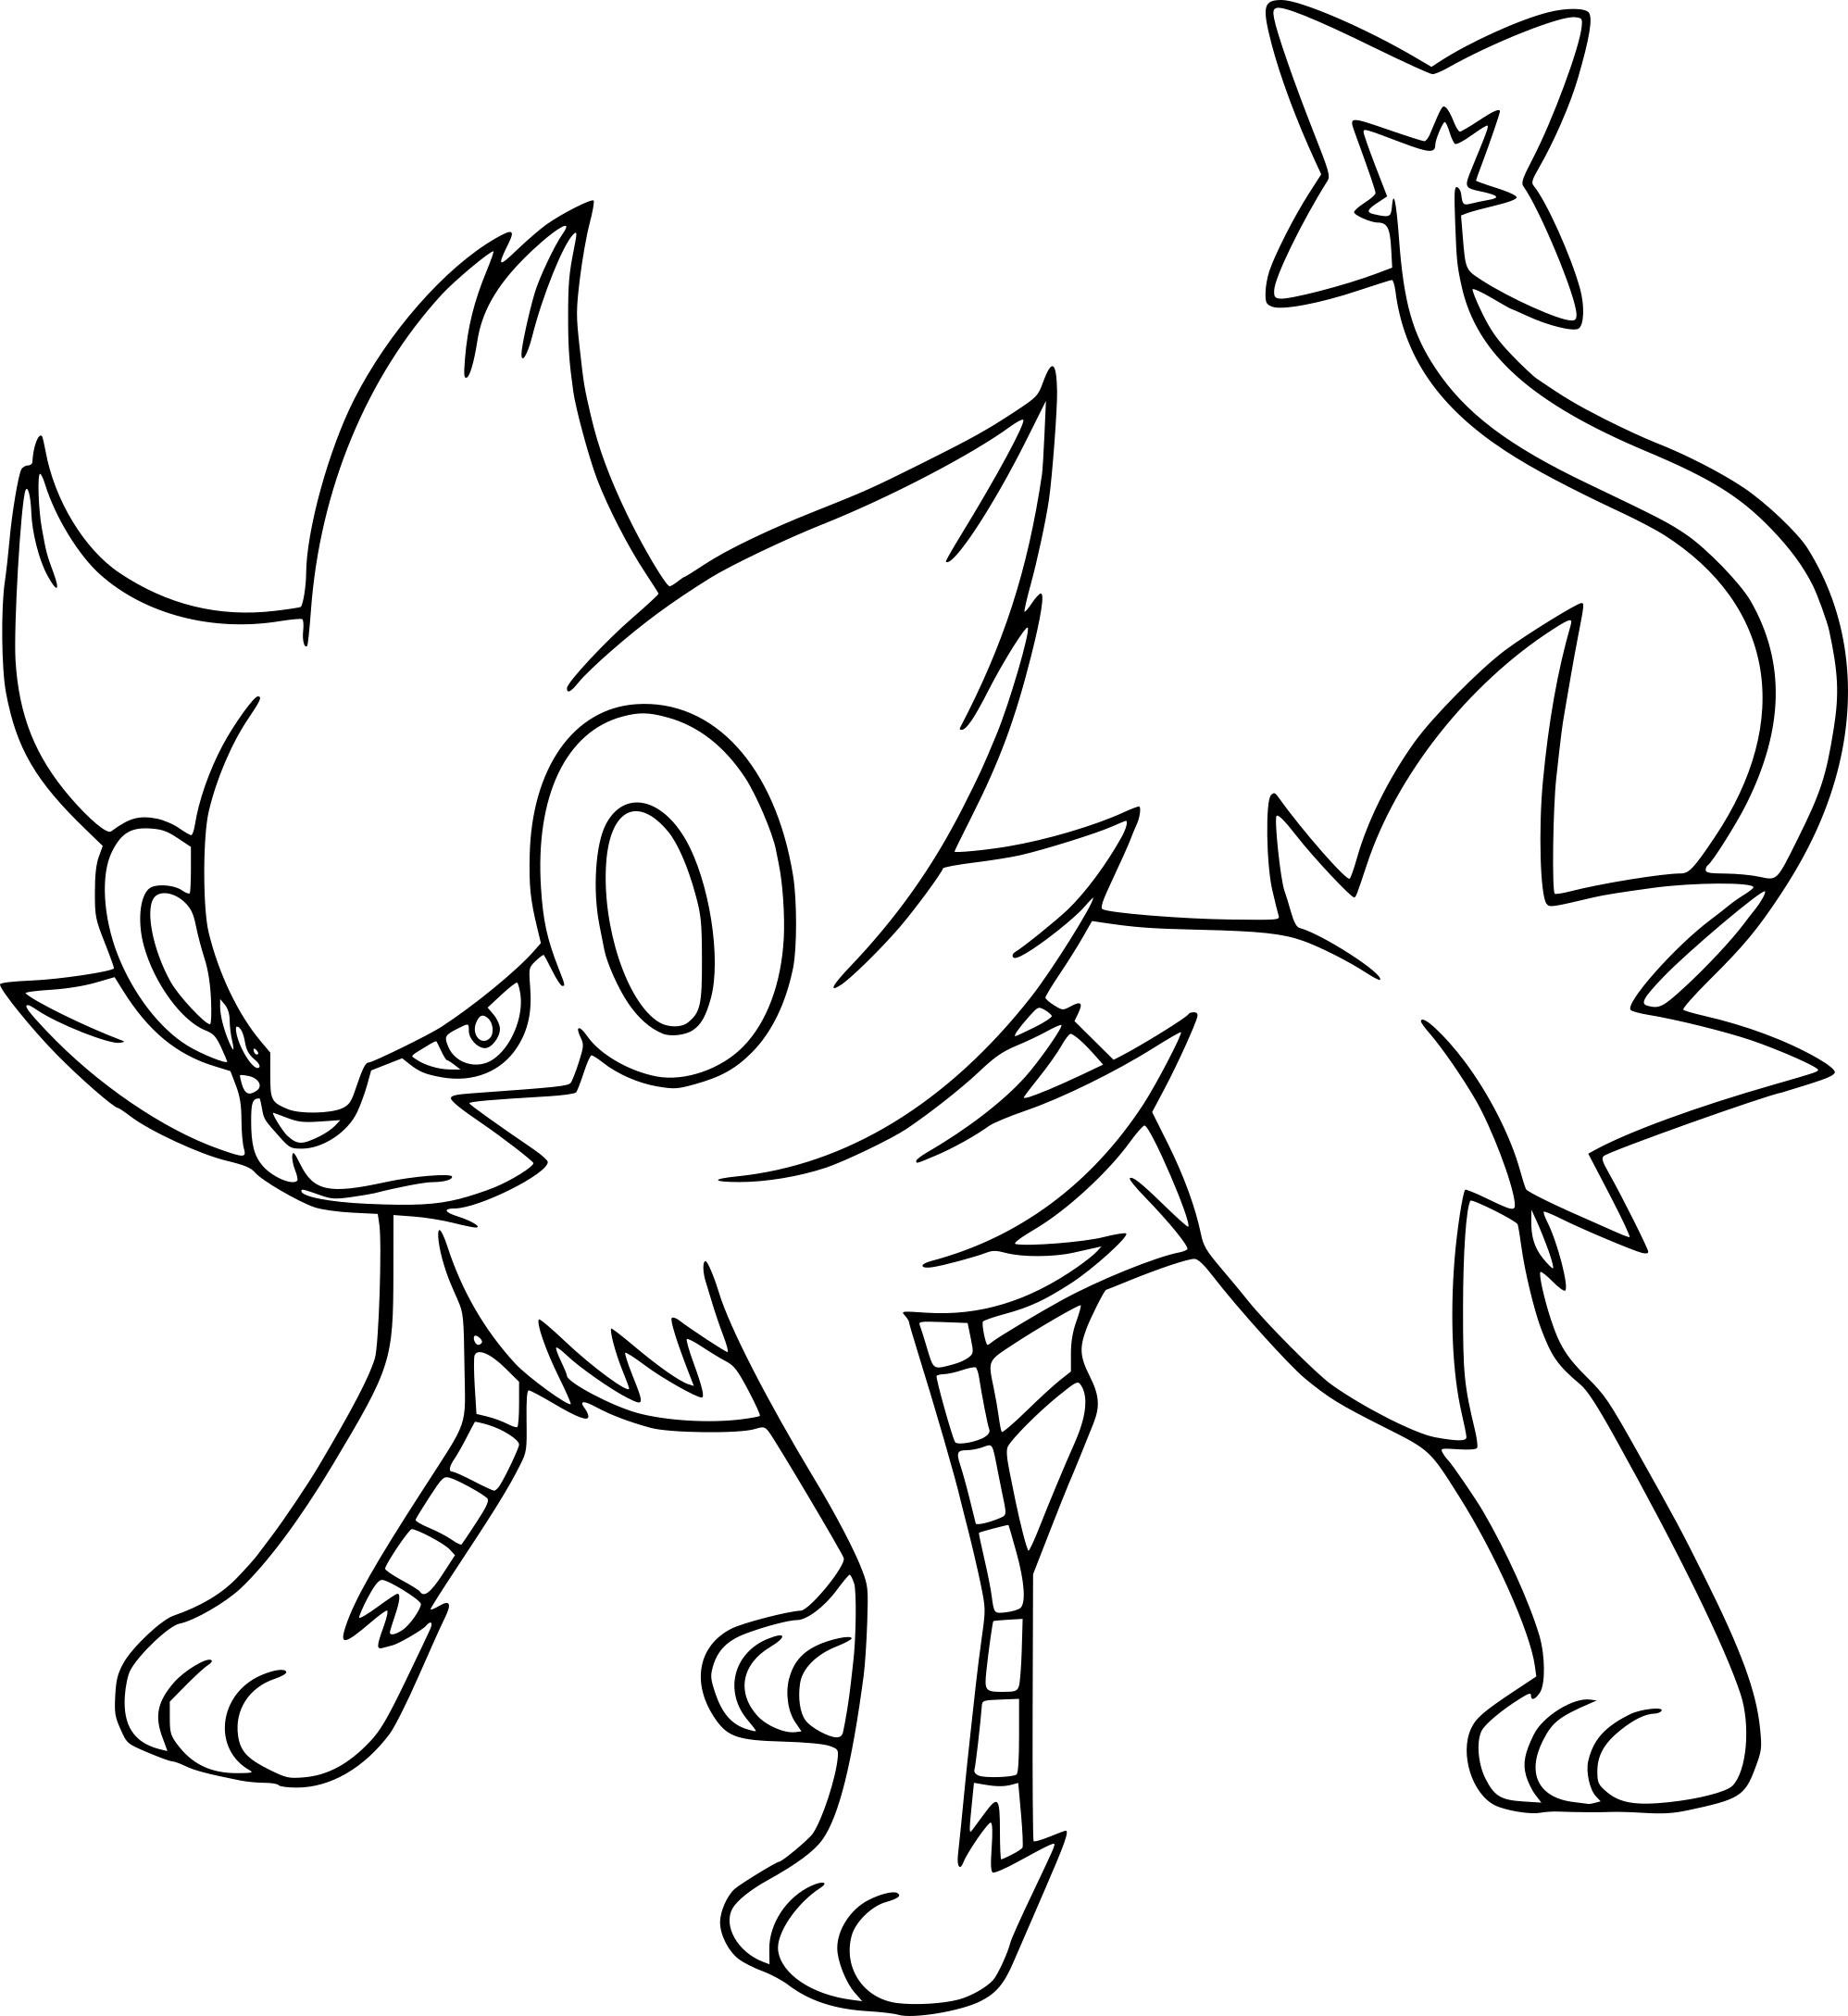 Luxray : Coloriage Luxray Pokemon à imprimer